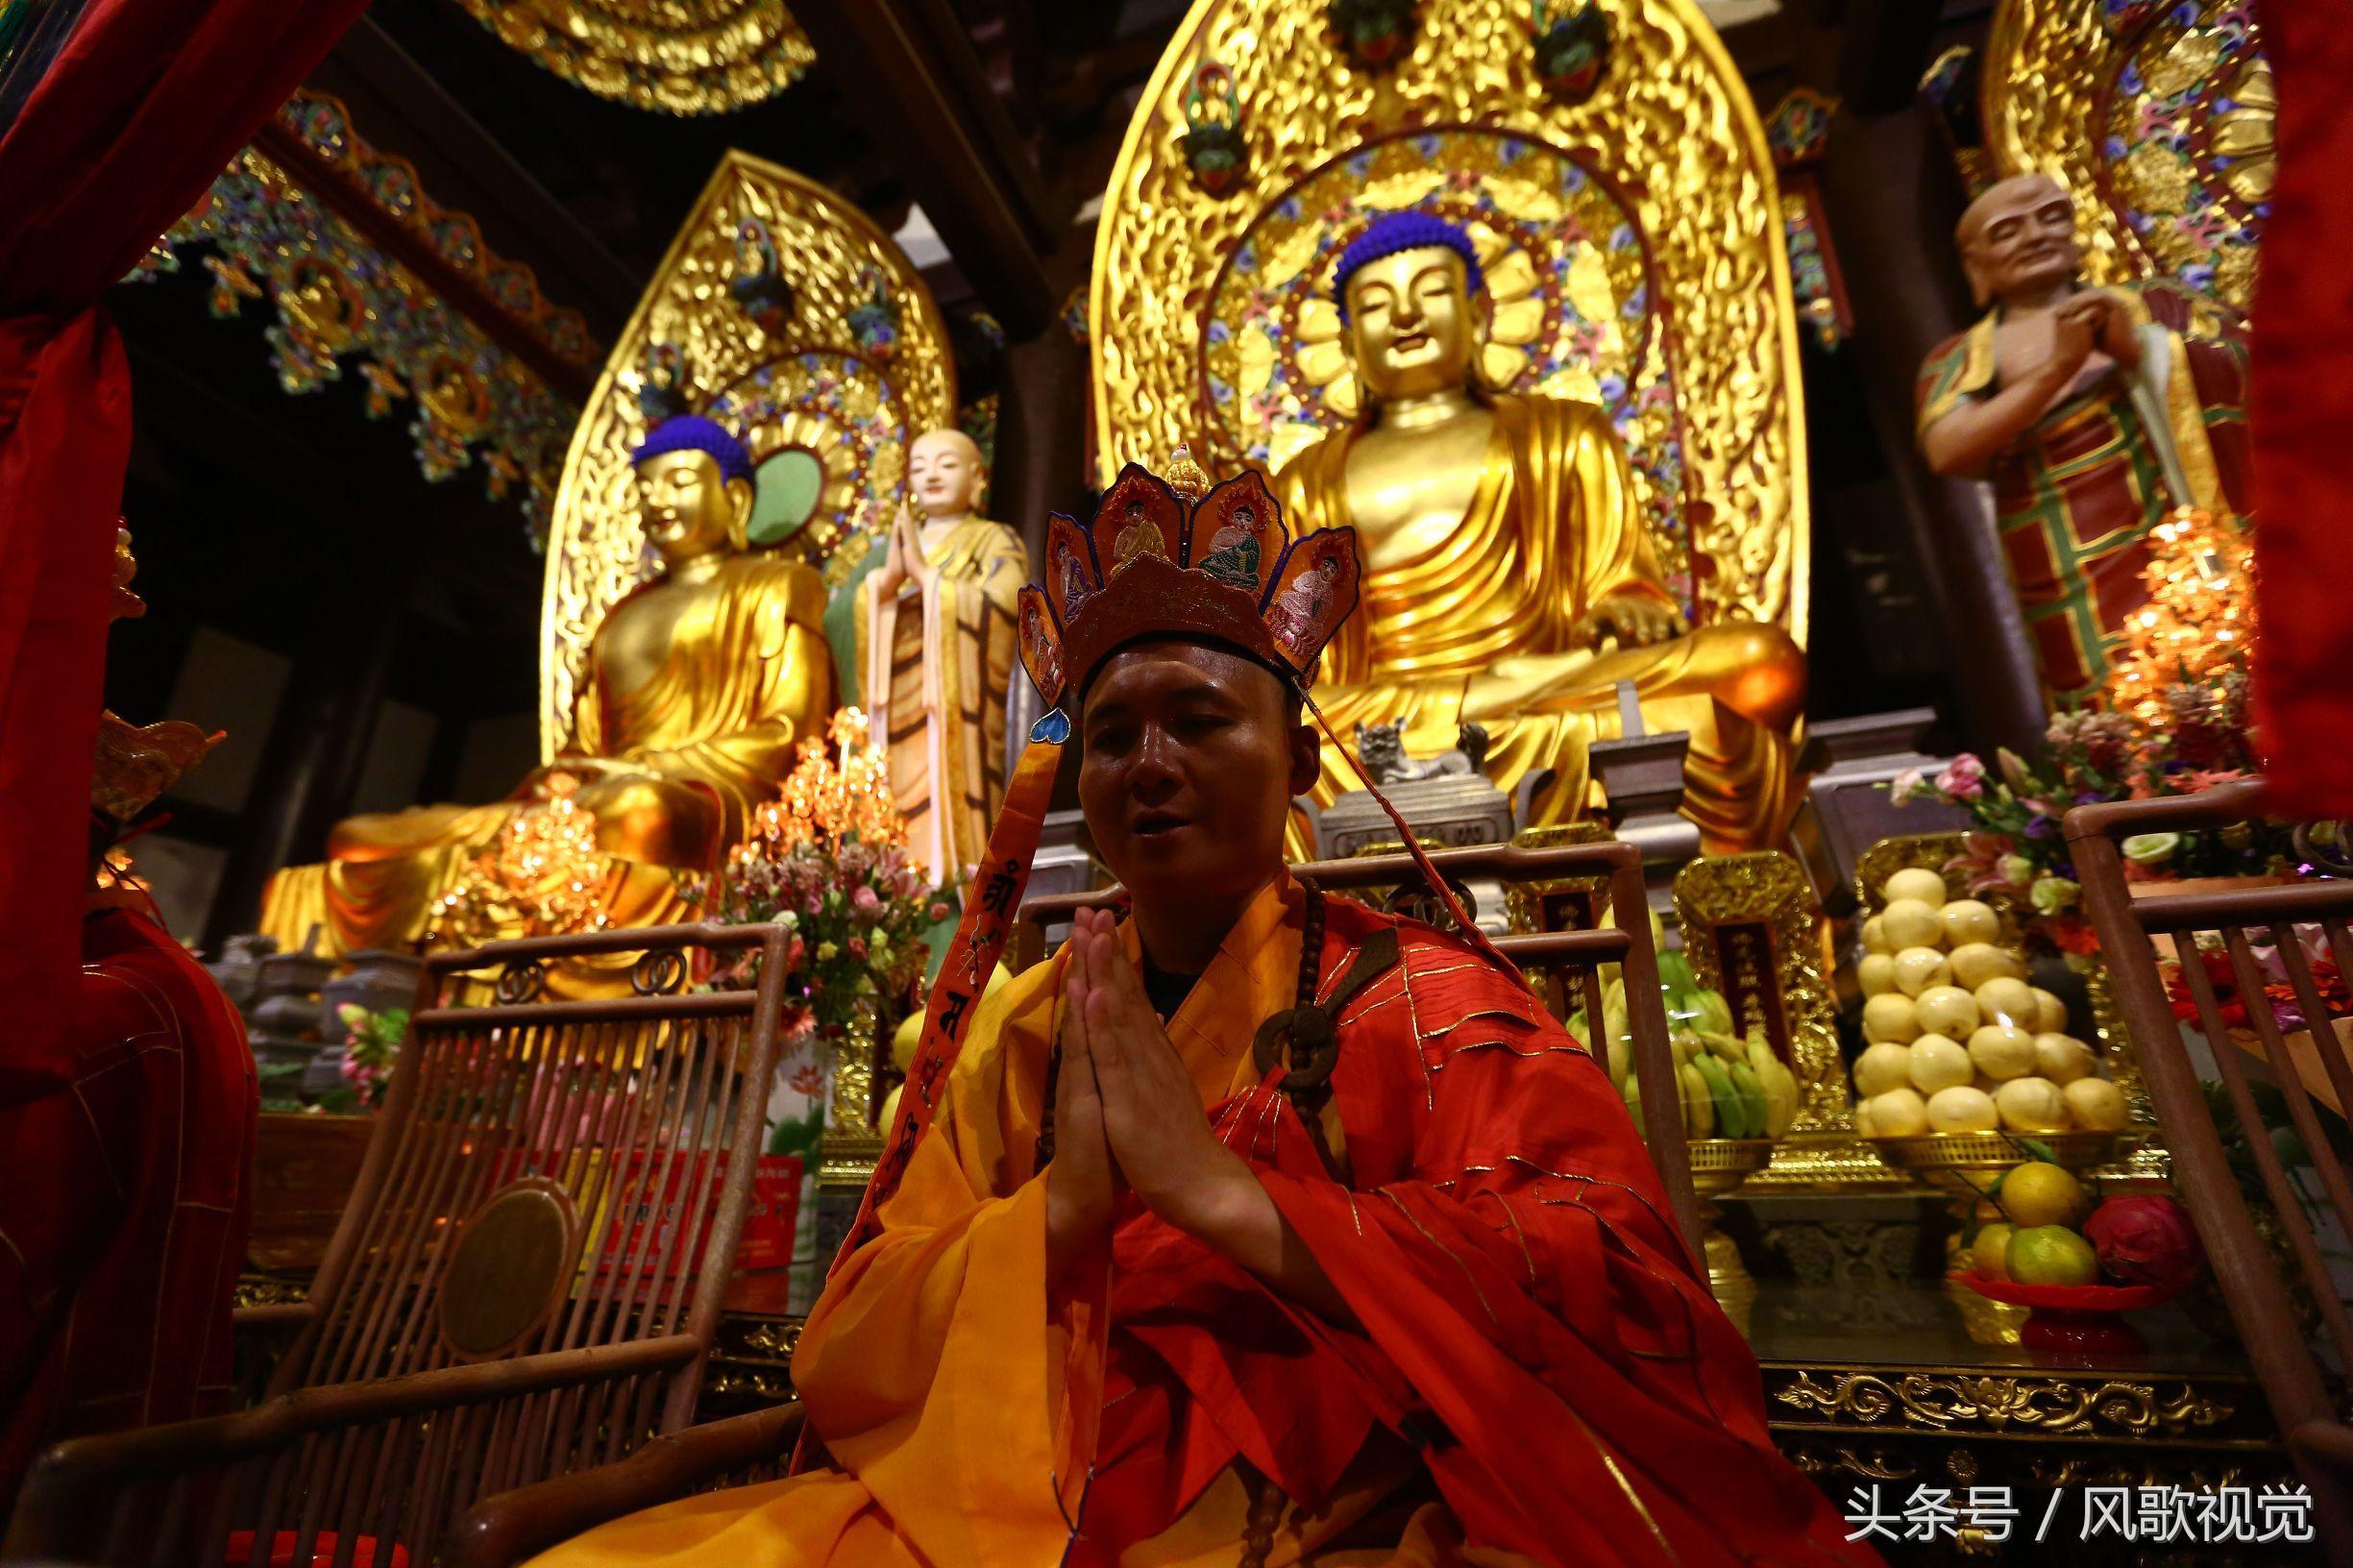 实拍三亚南山寺瑜伽焰口法会,因缘殊胜,难得的佛教体验图片